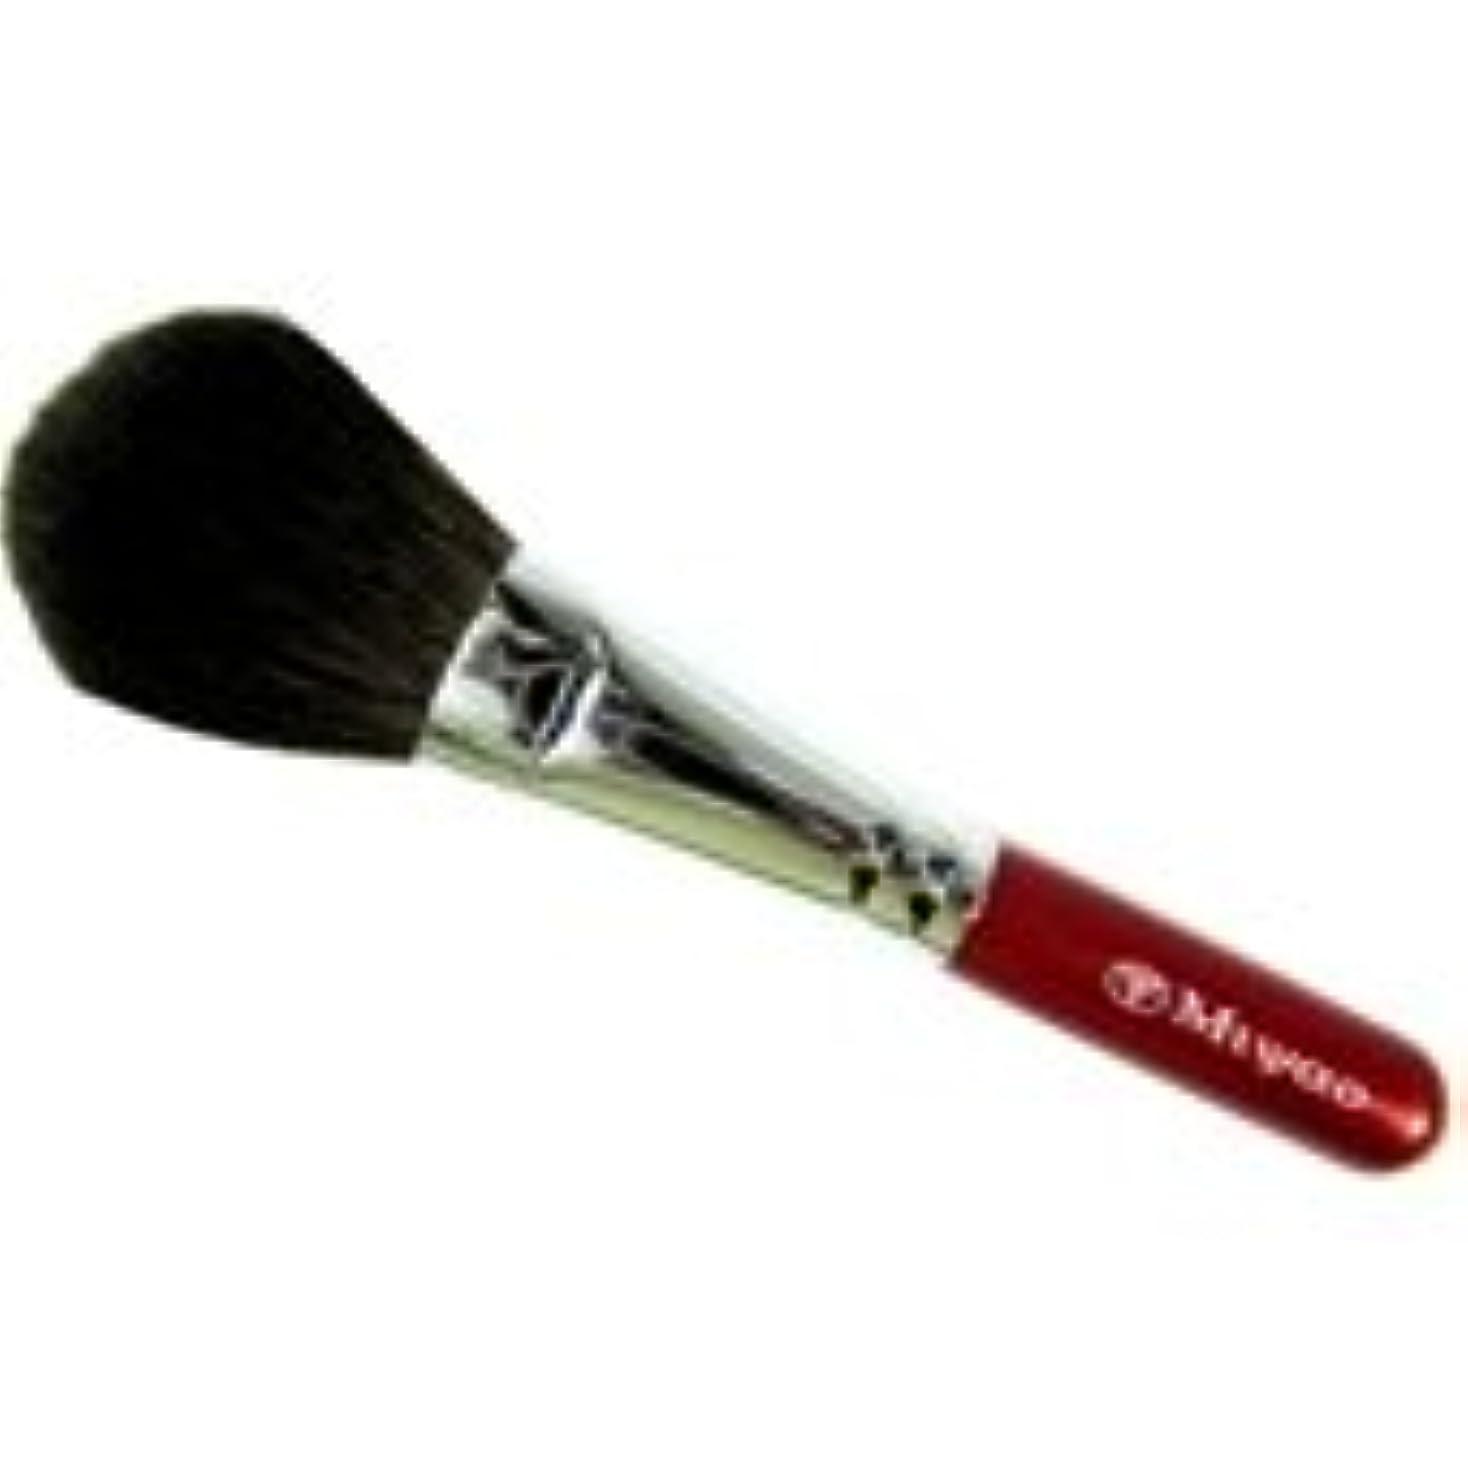 発明するひどい急襲メイクブラシ MRシリーズ-8 チークブラシ 灰リス100% 熊野筆 宮尾産業化粧筆